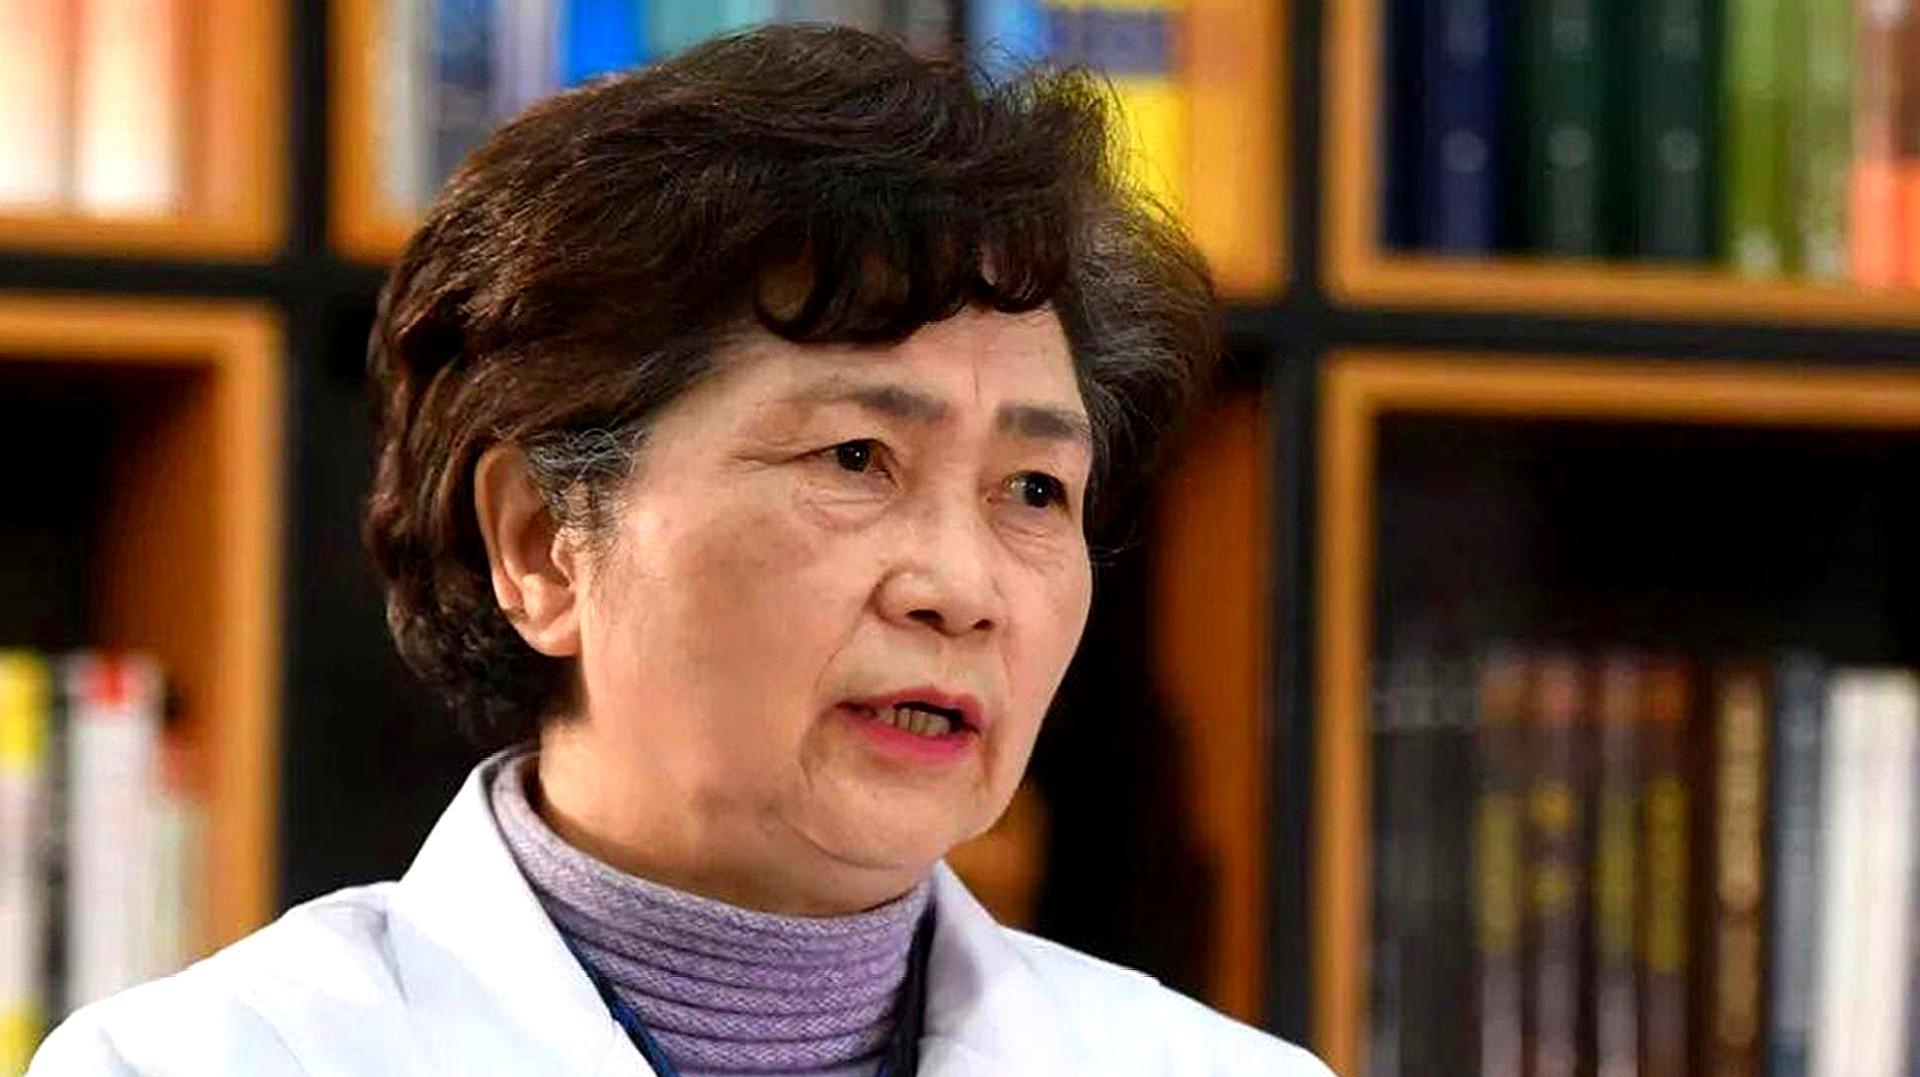 李兰娟找到治疗方法,中国疾控首席表态:新冠肺炎疫情拐点已出现